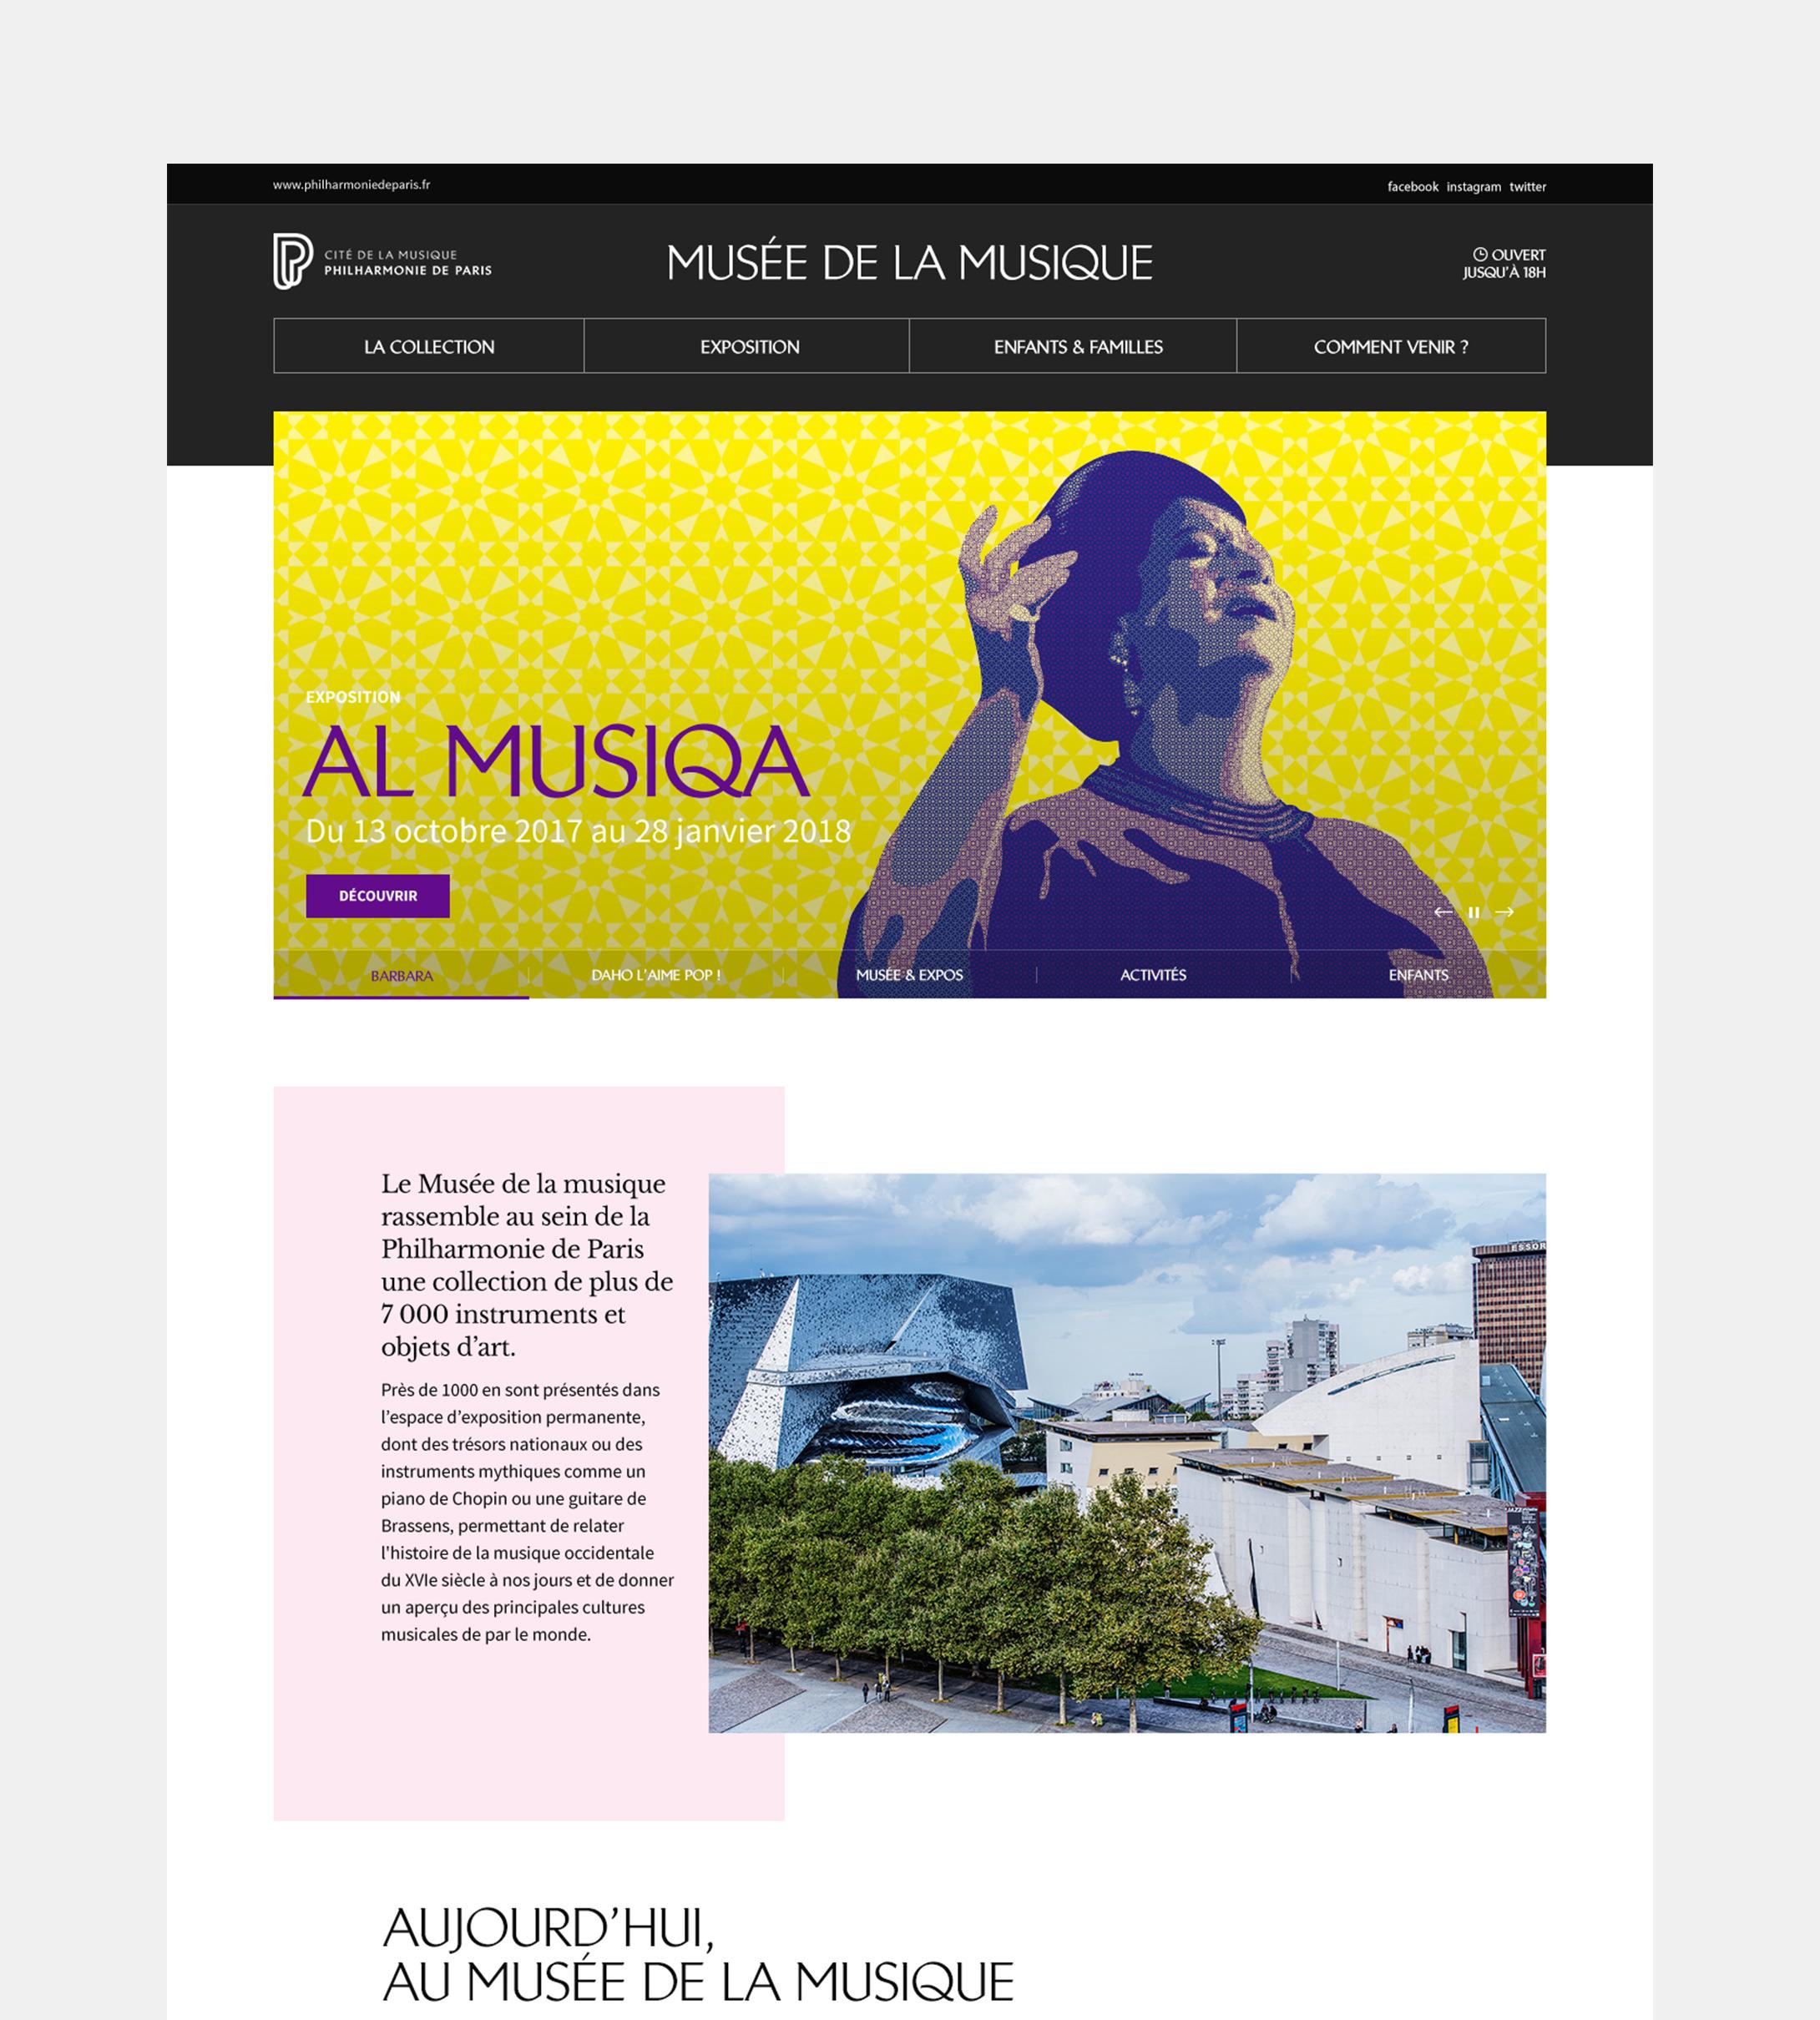 Musée de la Musique — Philharmonie deParis